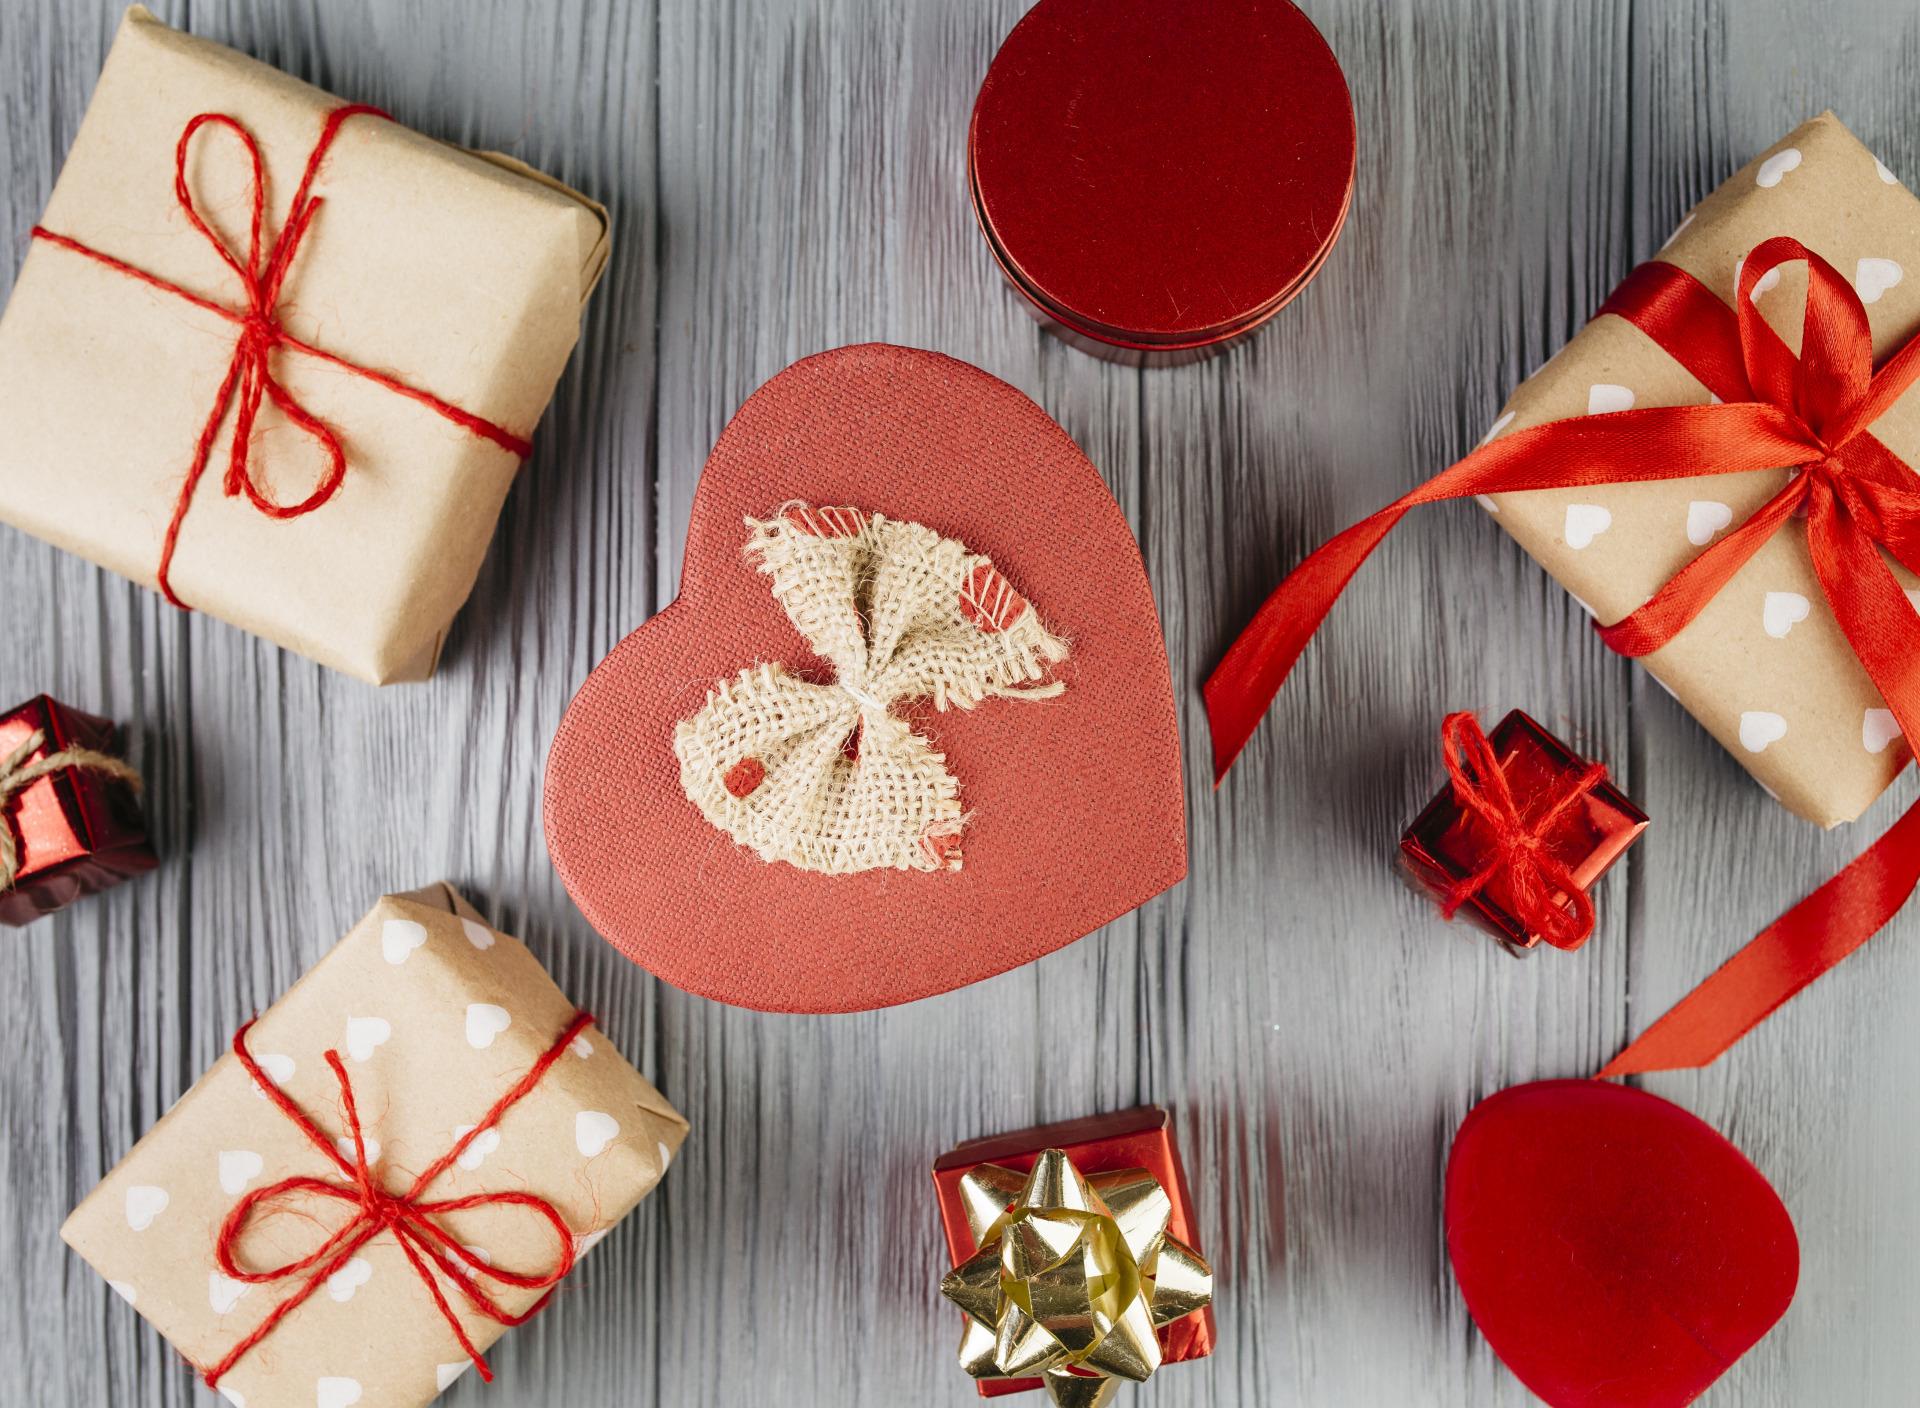 Что дарят на день святого валентина картинки